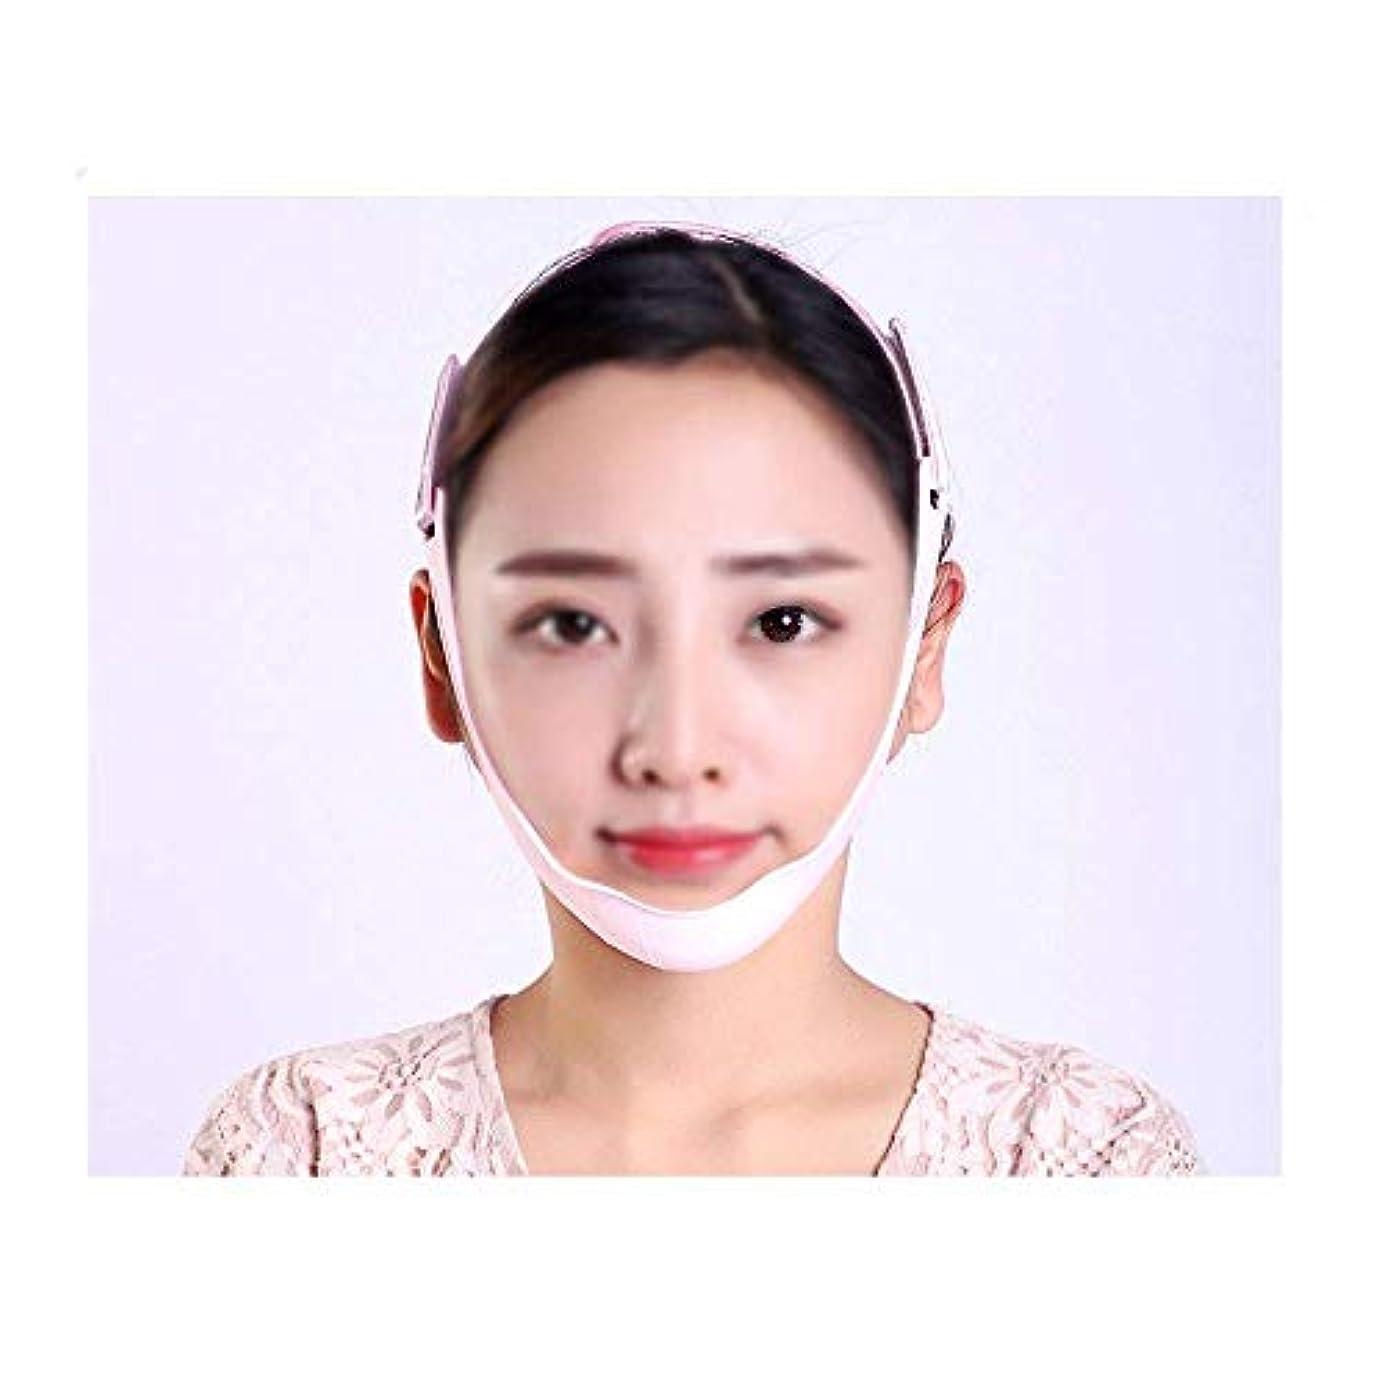 謙虚インフレーション謙虚フェイシャルリフティングマスク、リフティングフェイシャルファーミングアーティファクト/マッサージ器薄い顔の包帯/通気性ダブルチンスリミングマスク